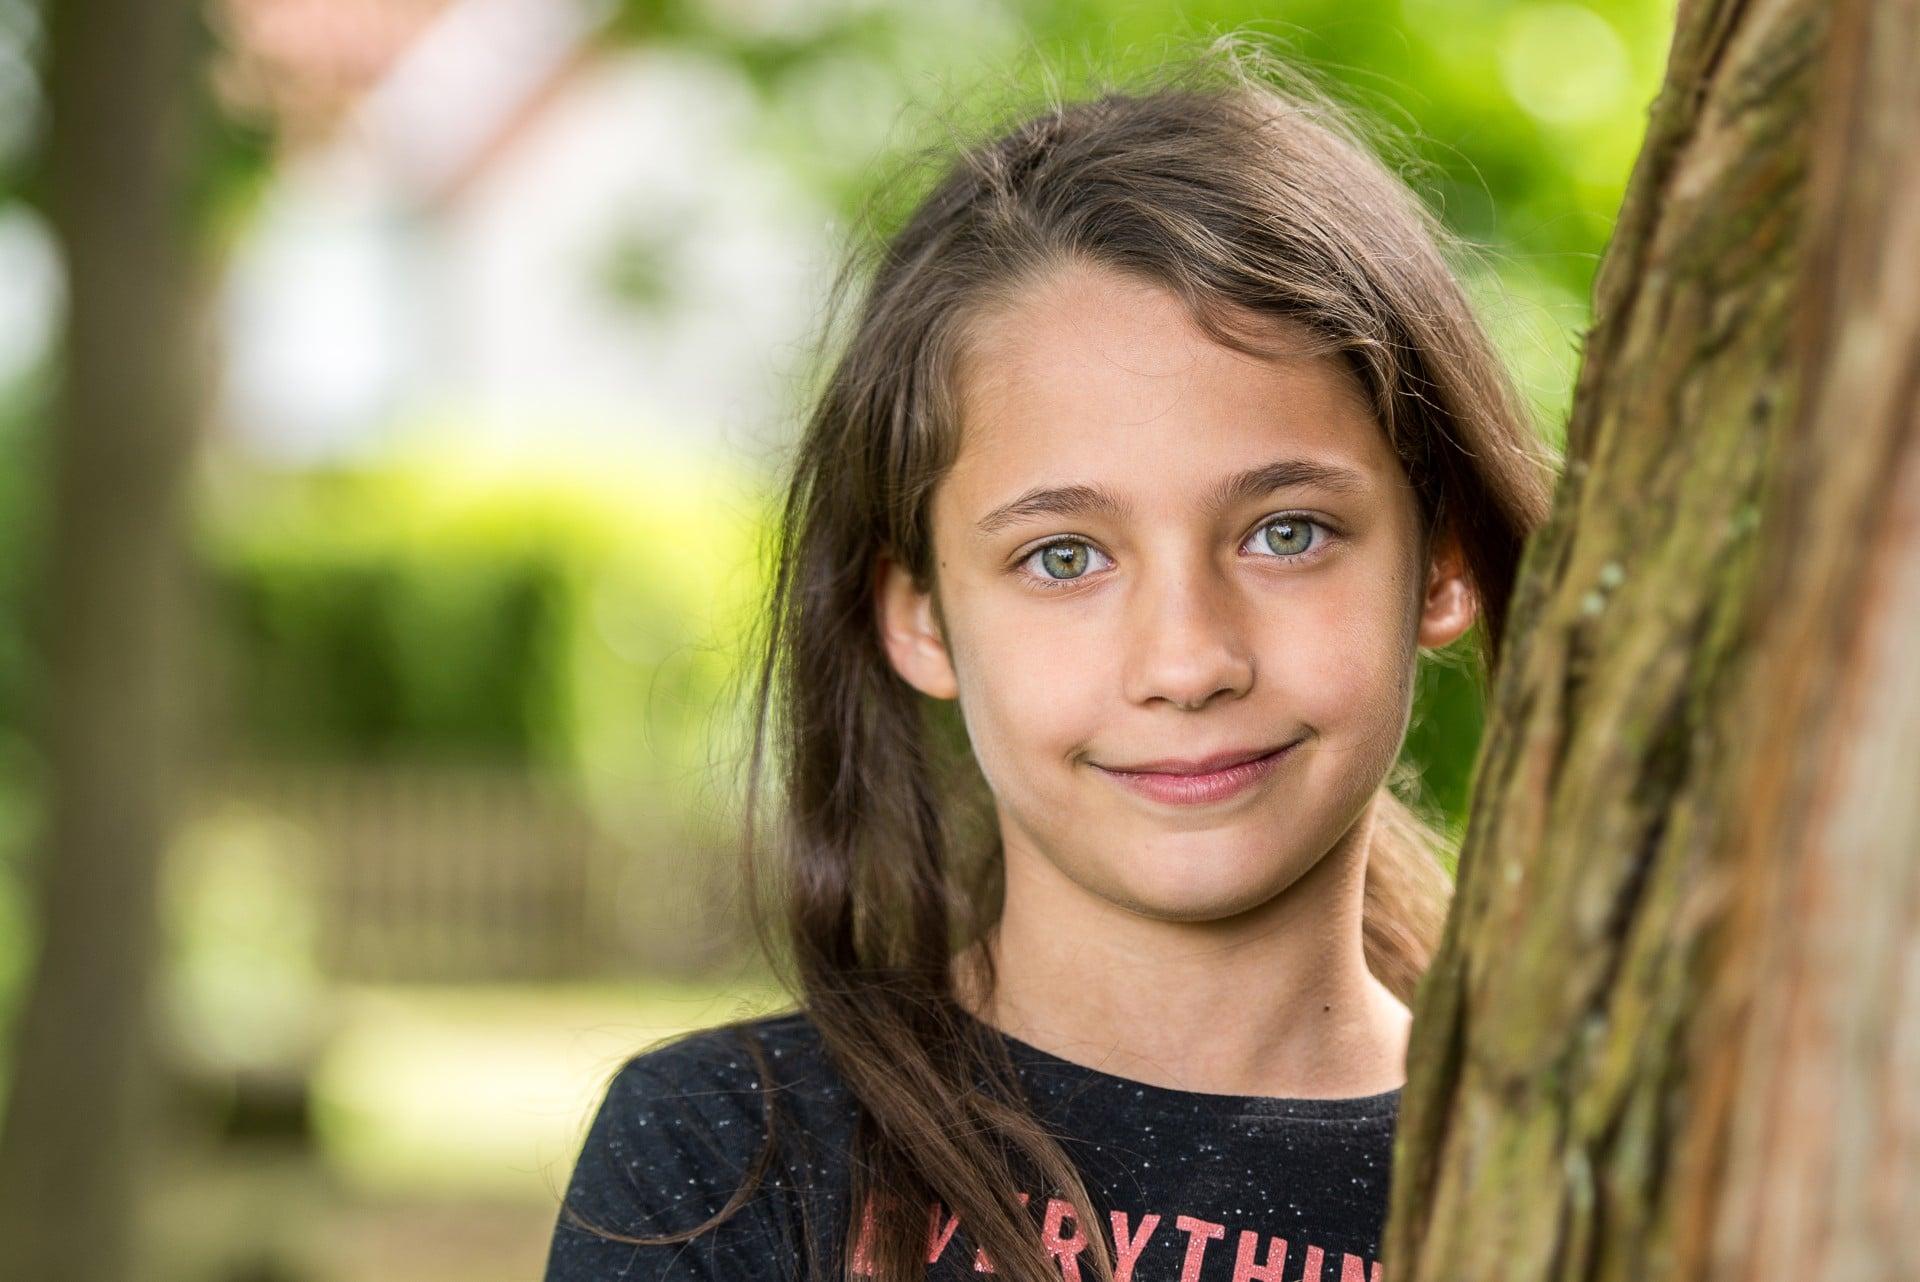 169-Britta-Fachmeier---Outdoorfotografie-Kinderbilder-21XZS8Qi (1)